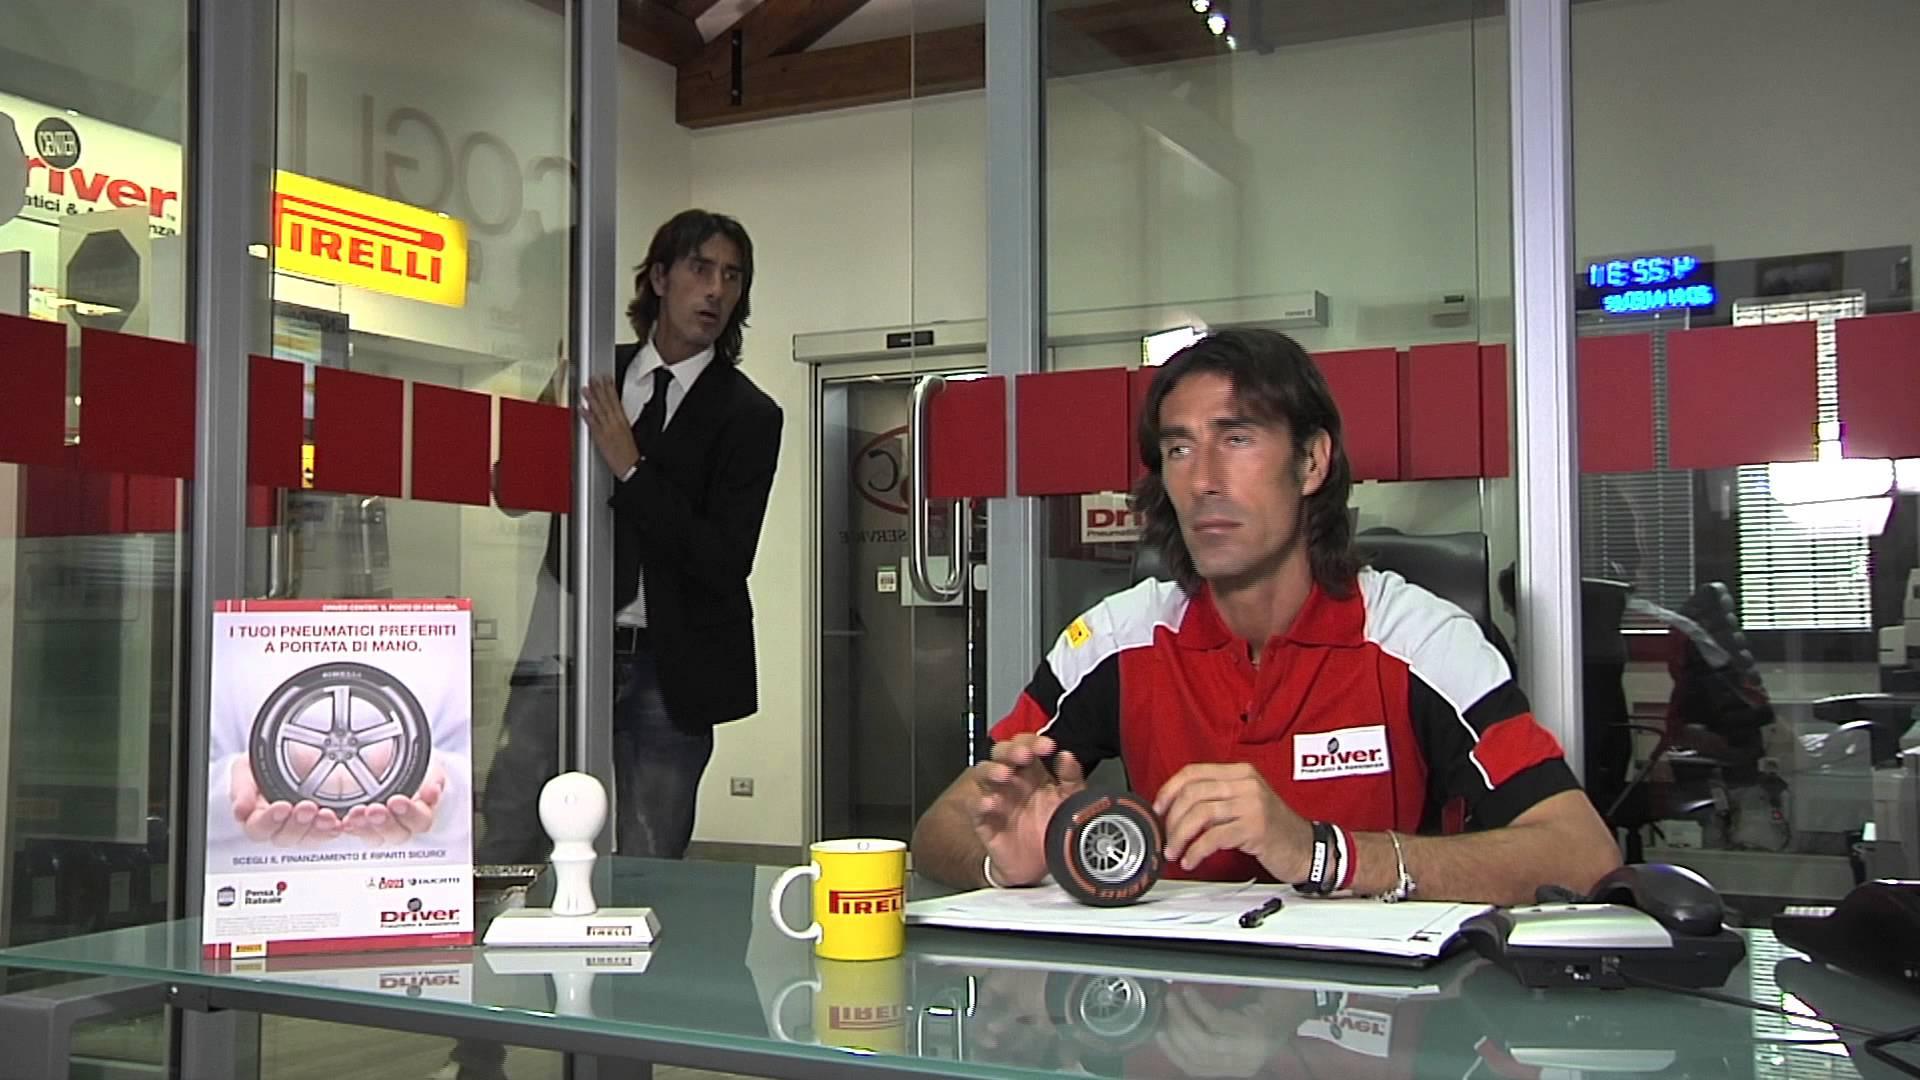 DELVECCHIO INCONTRA I TIFOSI AL DRIVER CENTER DI ROMA!